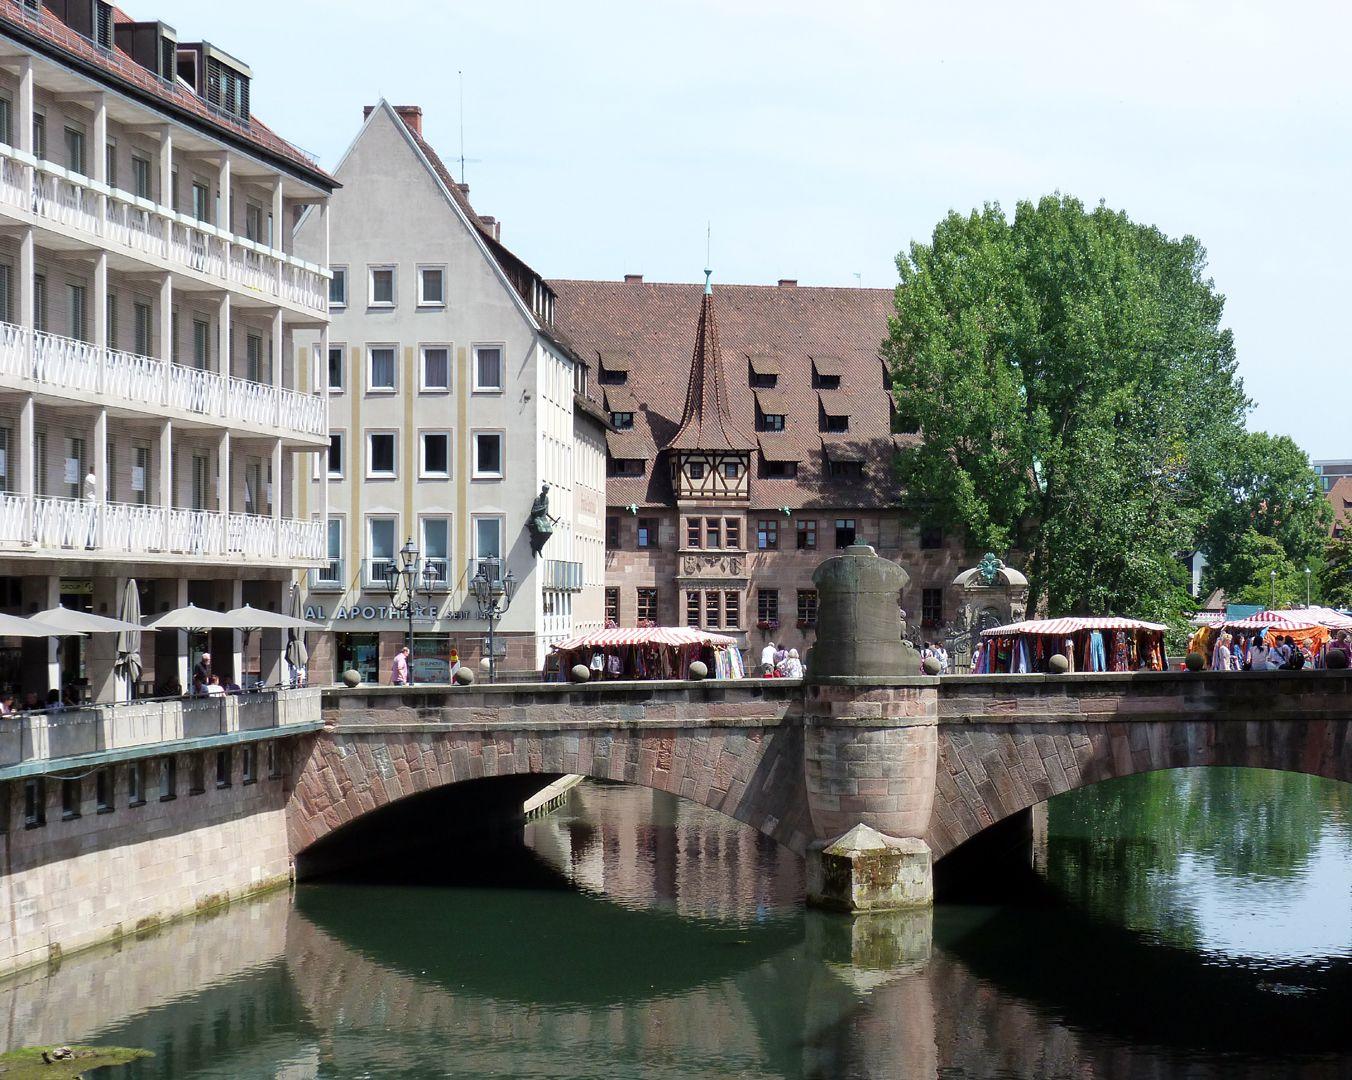 Kanzeln der Museumsbrücke mit Inschriften Museumsbrücke von Westen, Ortsansicht